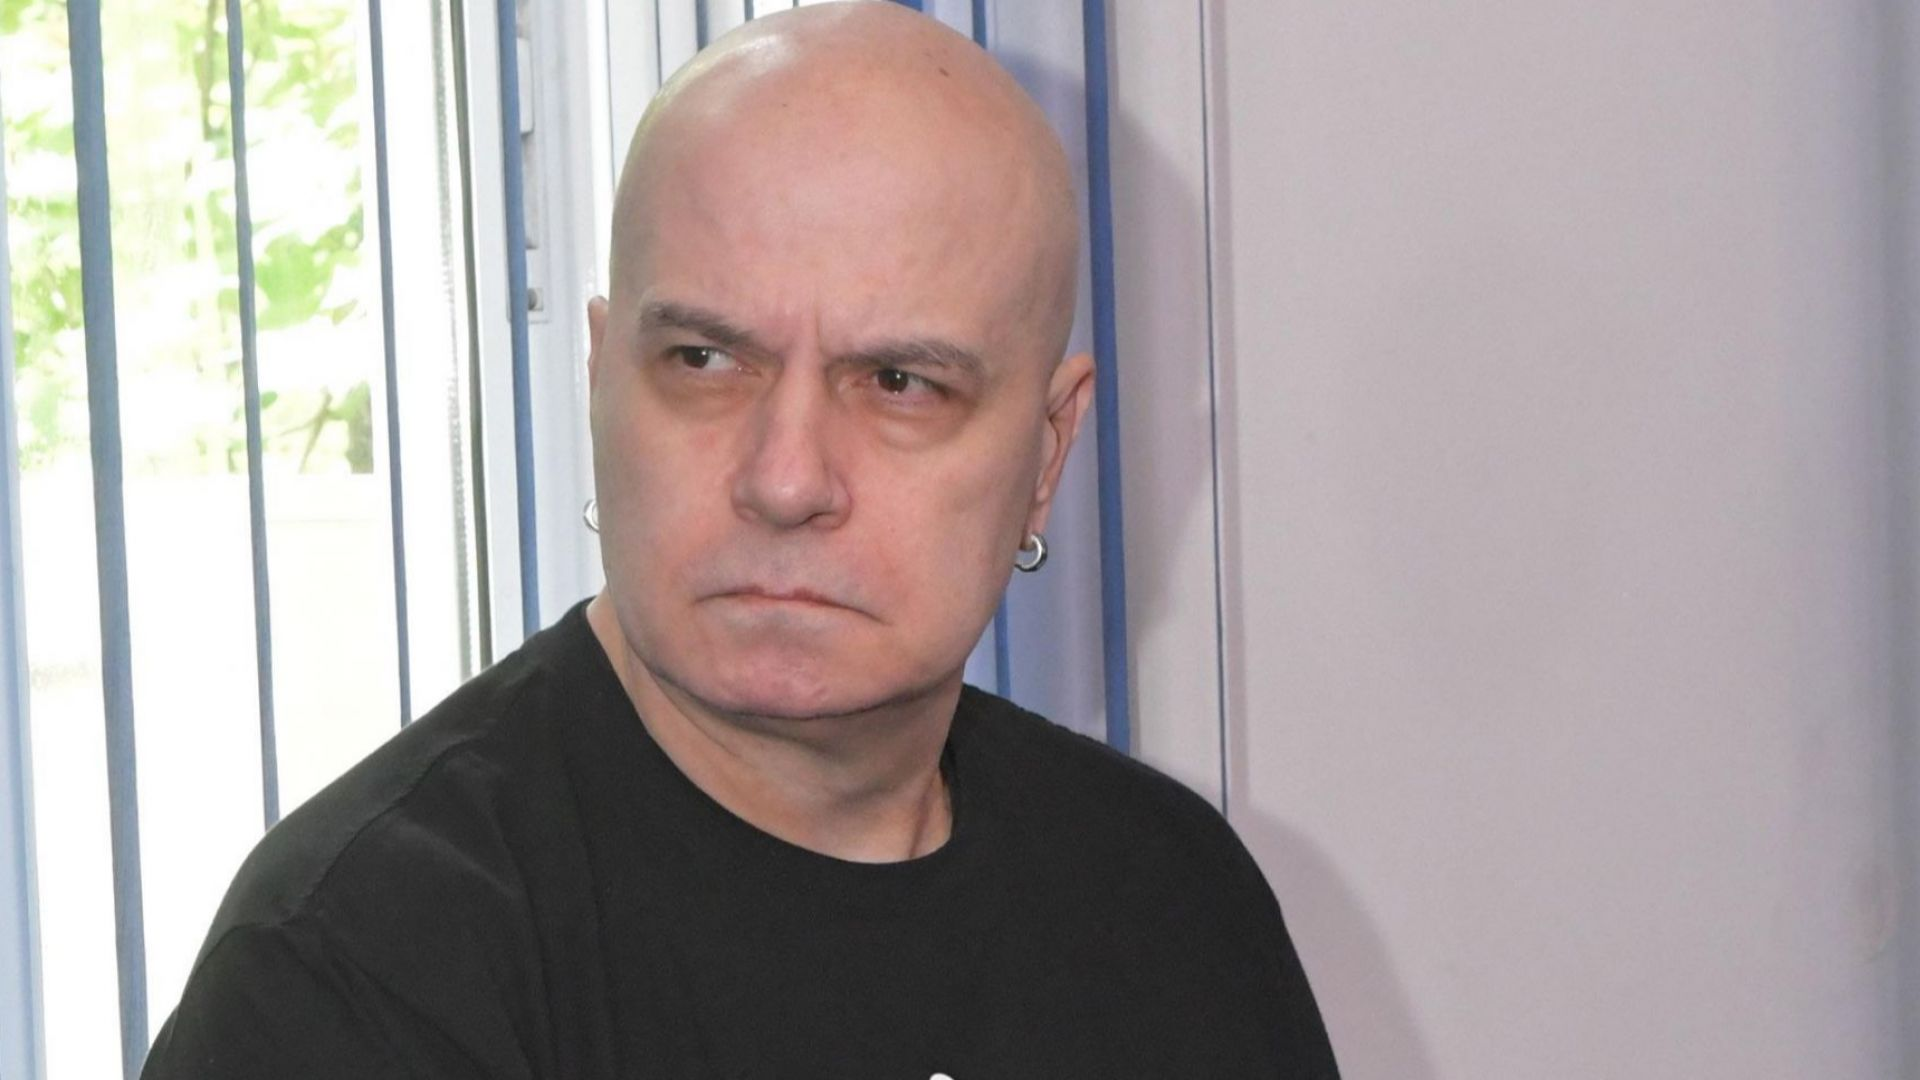 """Слави Трифонов осмя кмета на Стара Загора, който поиска 5000 лв. заради """"смешник"""""""